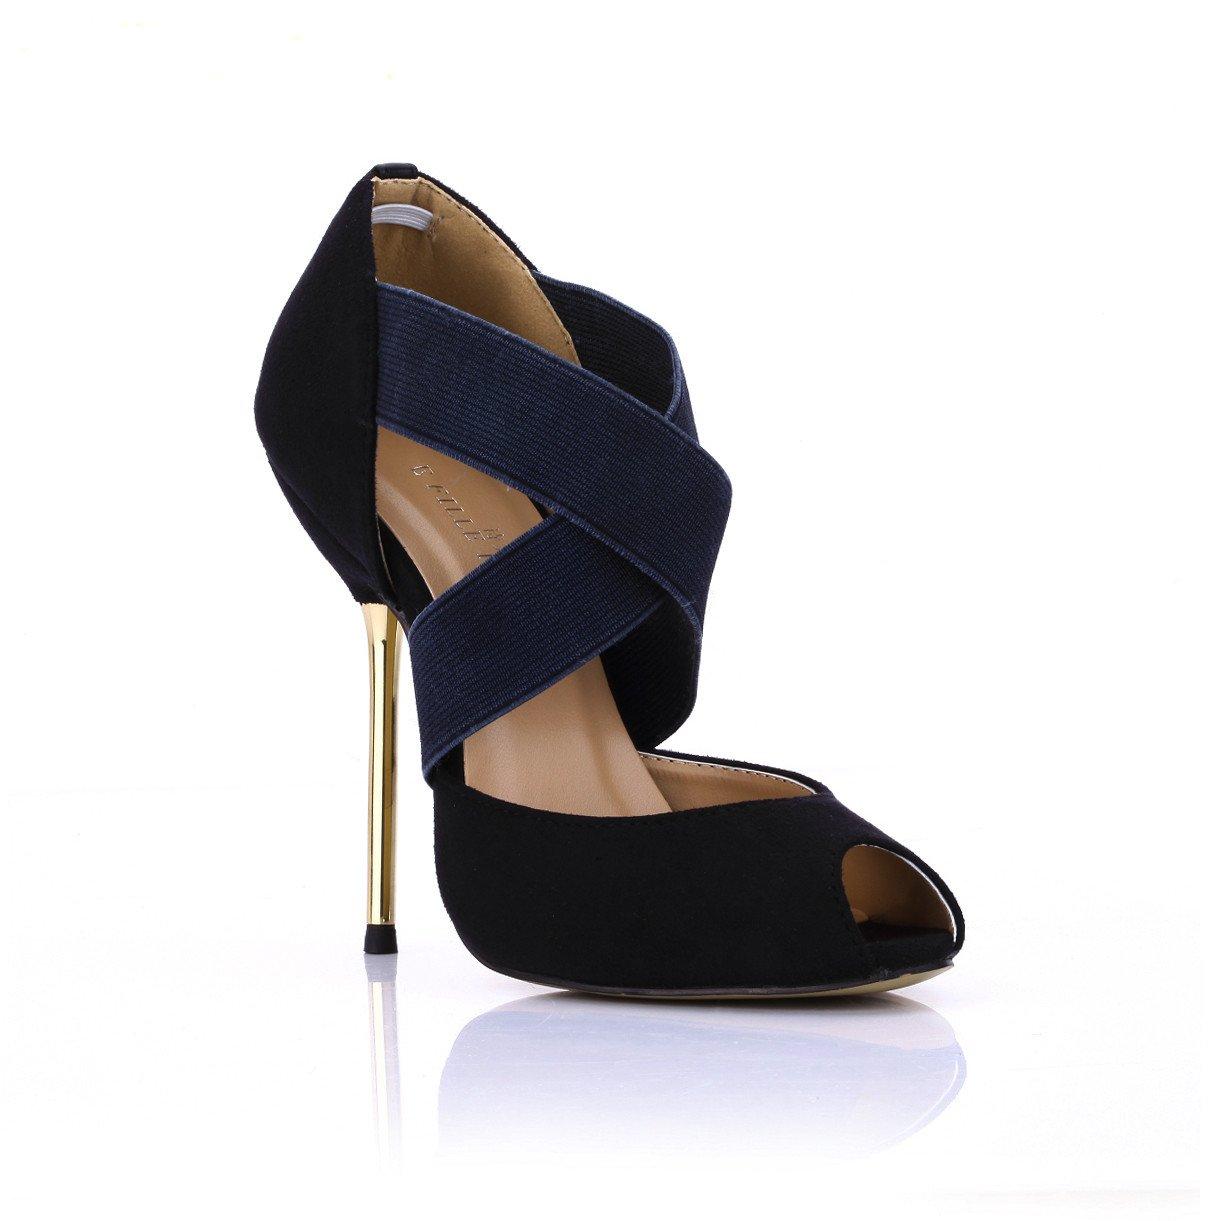 Noir La pointe du poisson le haut-talon magnifique printemps nouveau noir chaussure unique dîner sexy femme chaussures à haut talon US8   EU39   UK6   CN39